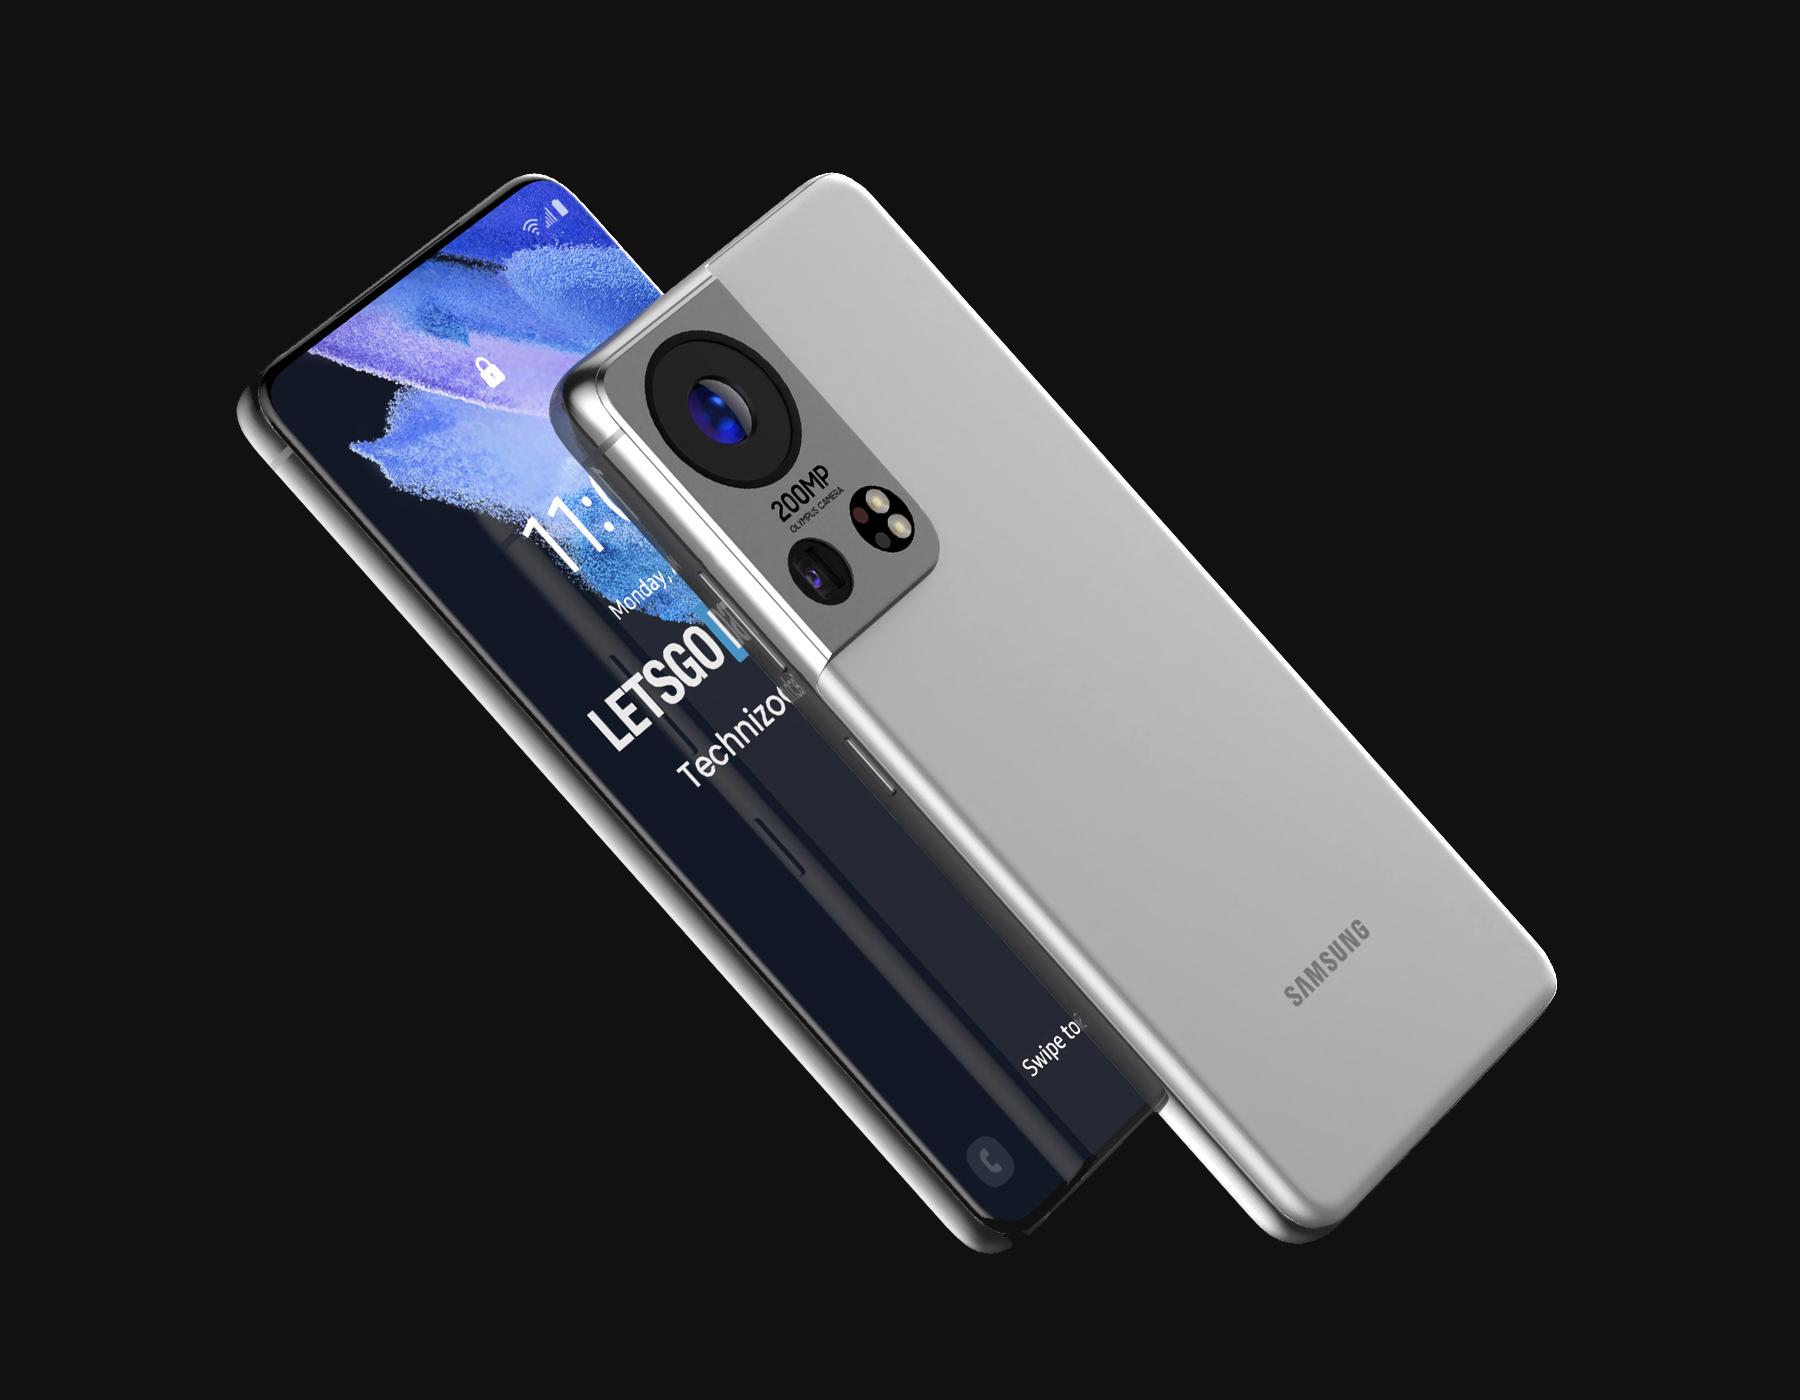 El Samsung Galaxy S22 con c谩mara Olympus lucir铆a as铆 de impresionante |  Tecnolog铆a - ComputerHoy.com